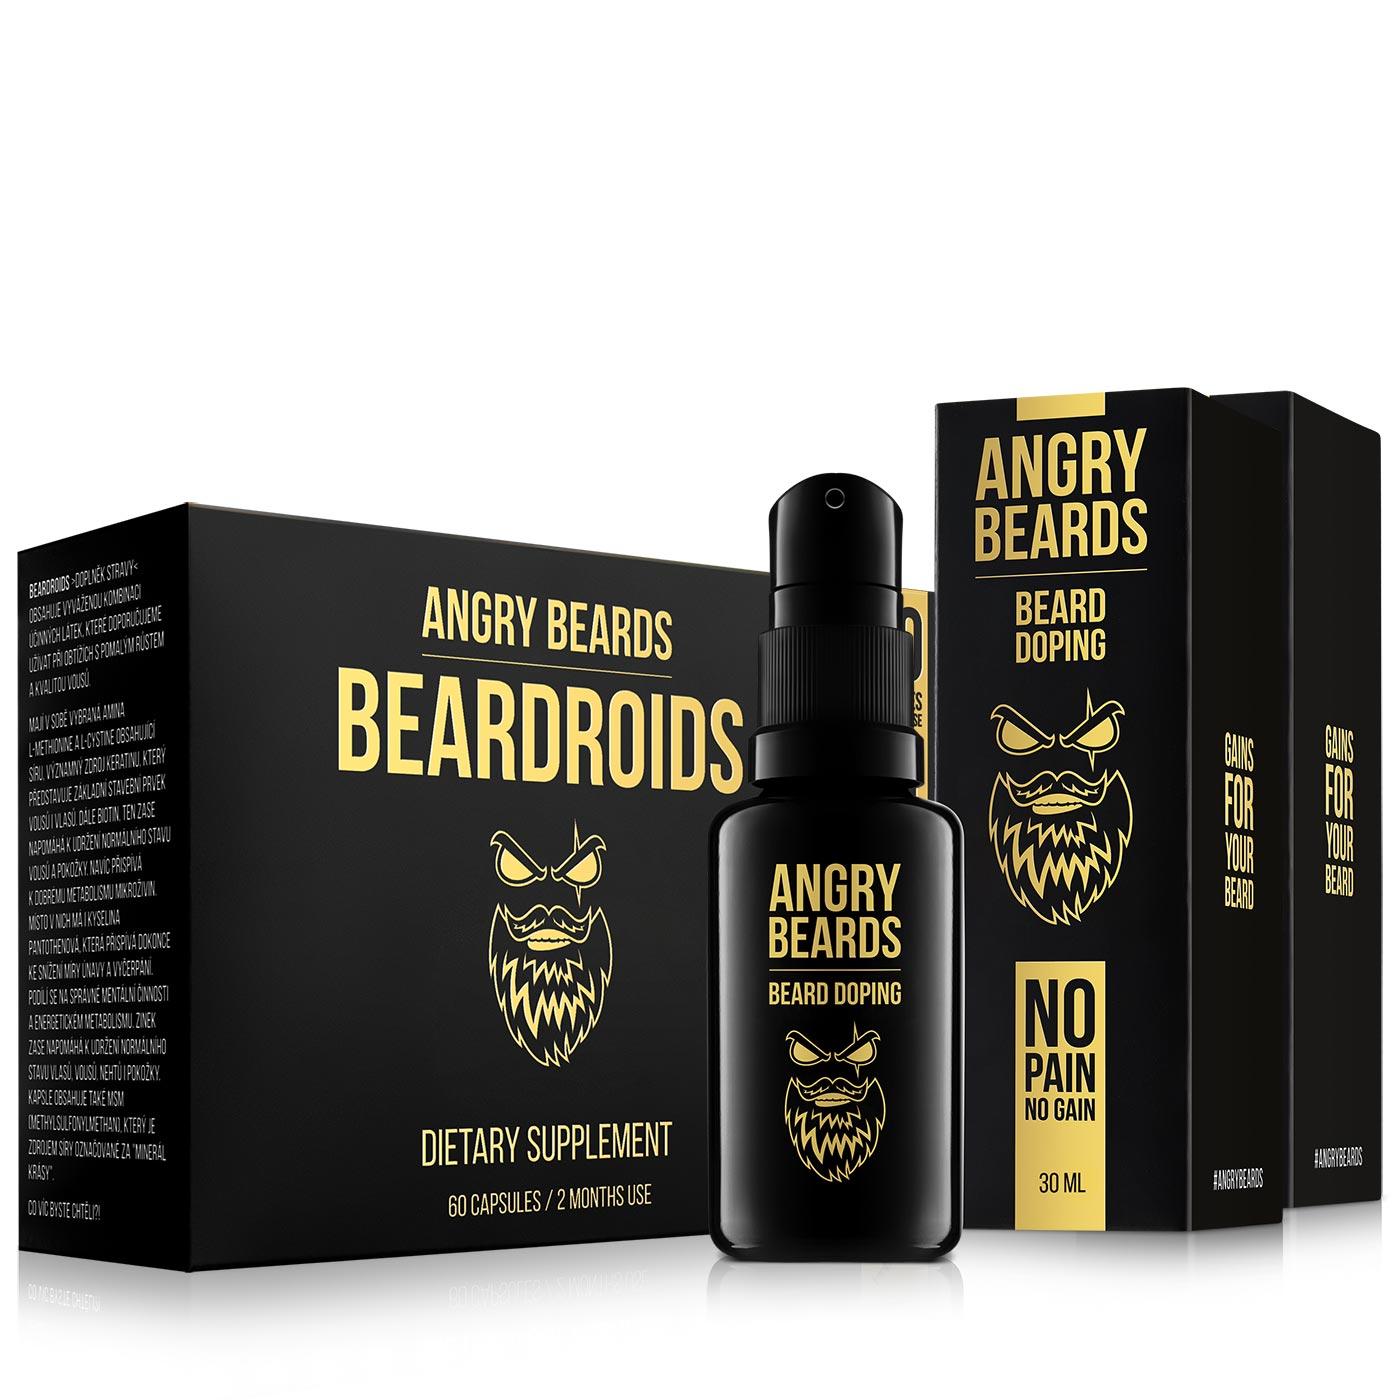 Sada pro růst vousů – Beardroids a 2 měsíce dopingu